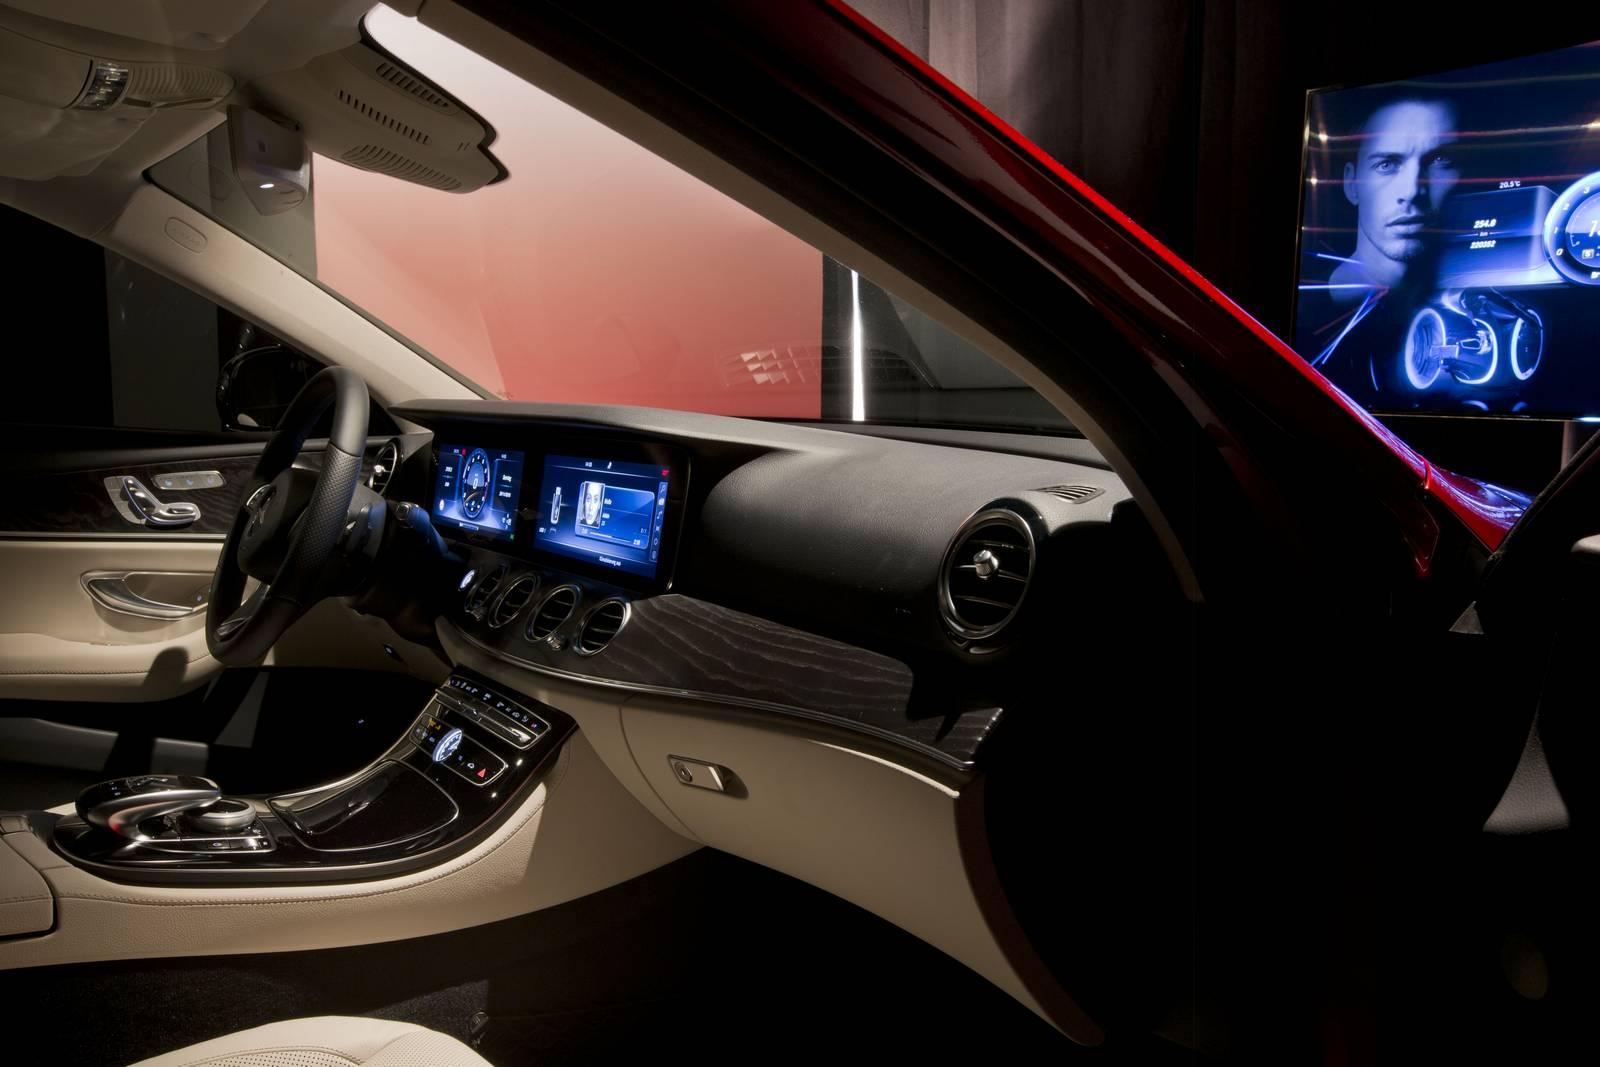 2017 mercedes benz e class exterior design revealed gtspirit for Mercedes benz e350 interior